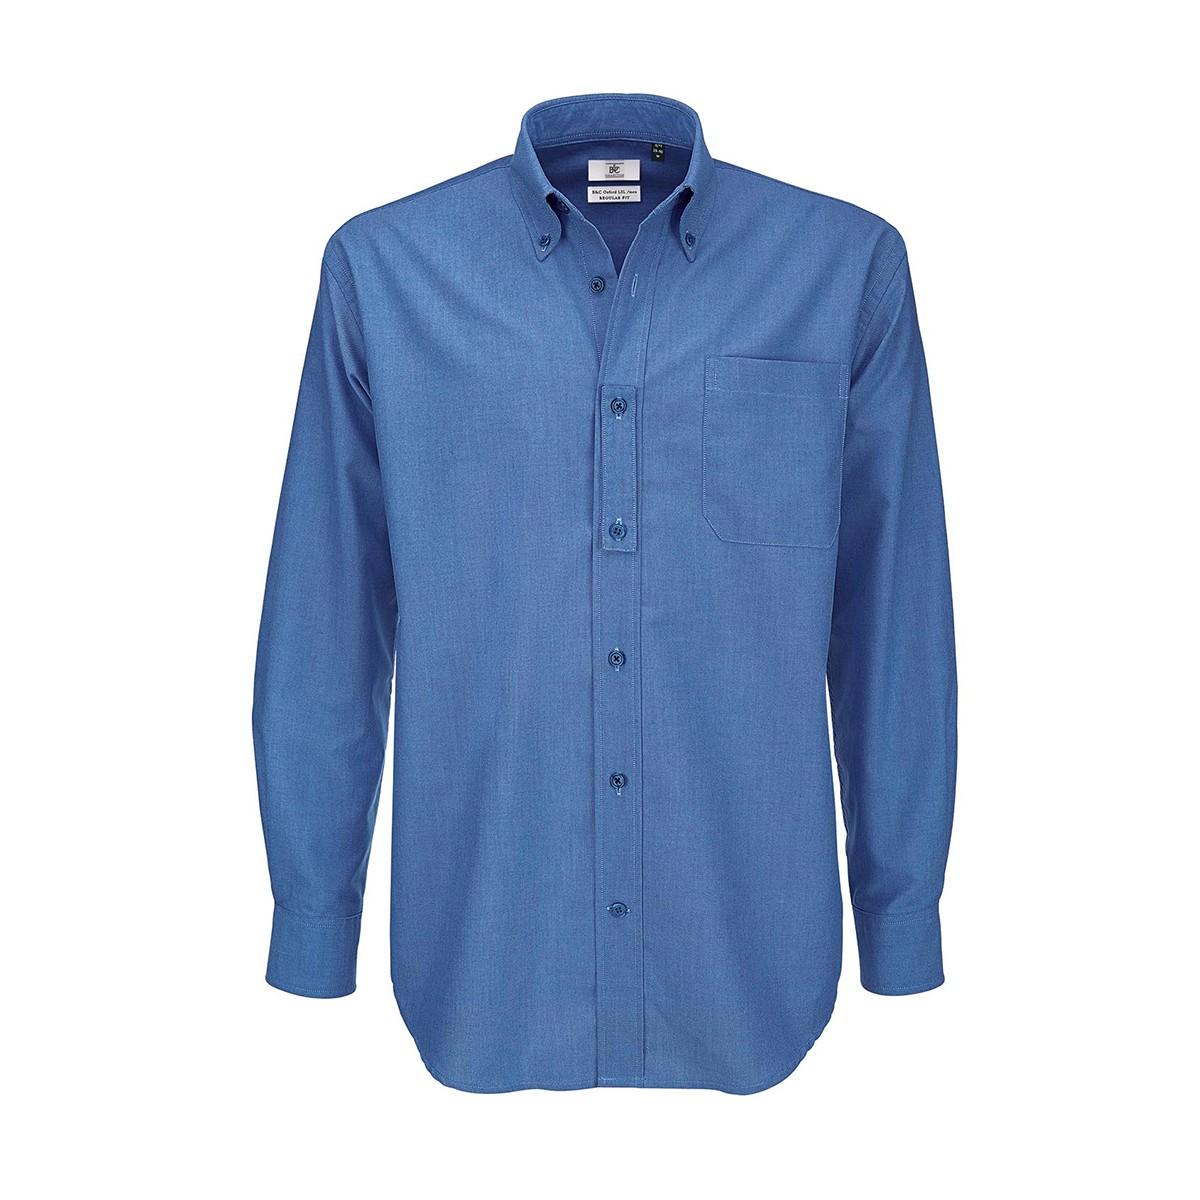 c474096fe2fa Camicia B&C Uomo Oxford BCSMO01 70% COTONE